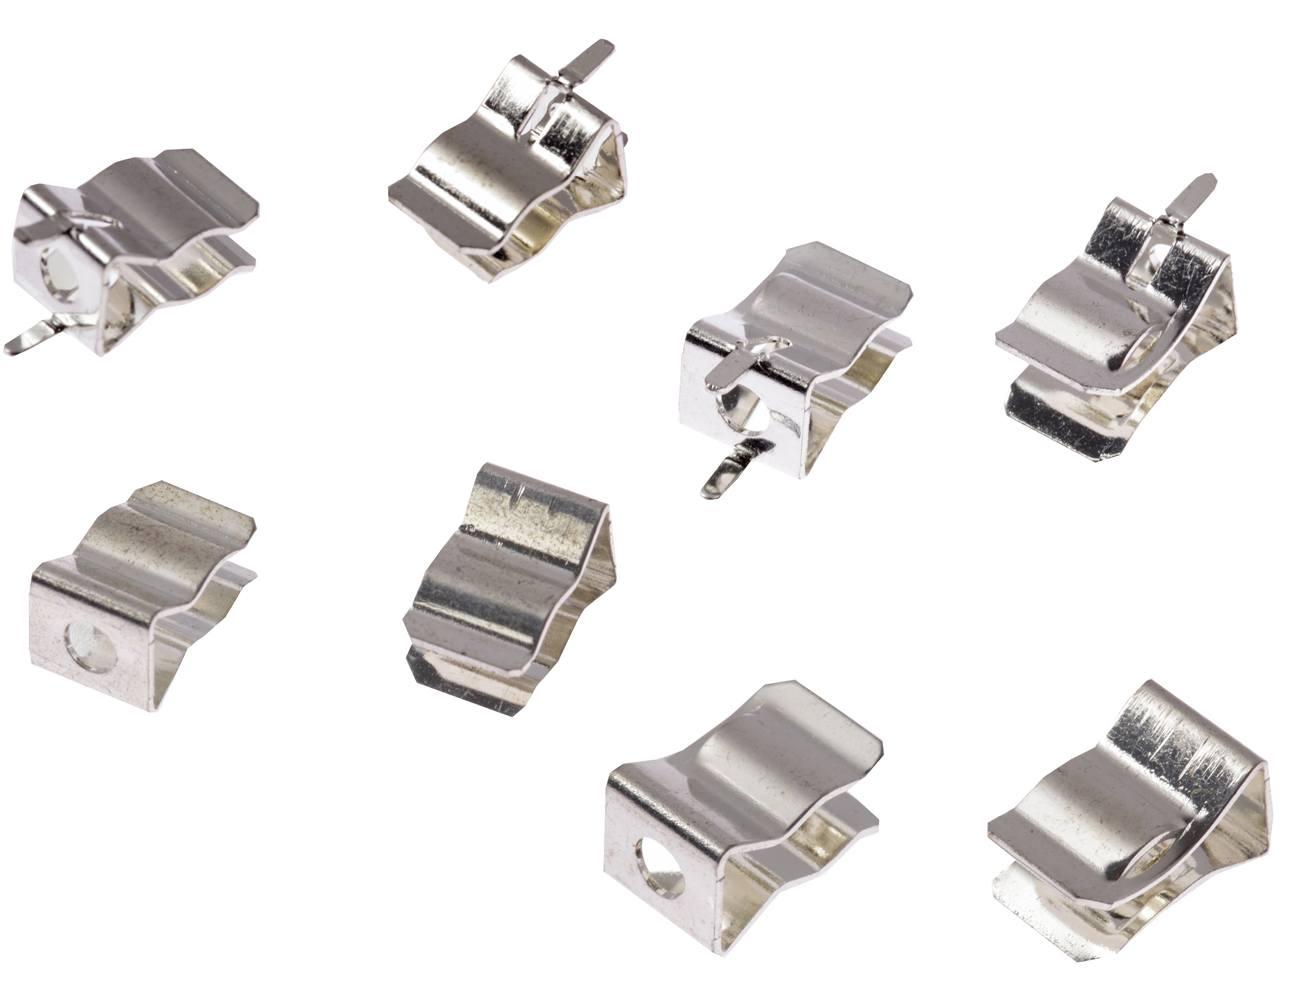 FC-4063BNXX系列 保險絲夾 - FC-4063BNXX系列 250V 10A 6x30mm 黃銅保險絲夾 (鍍鎳)